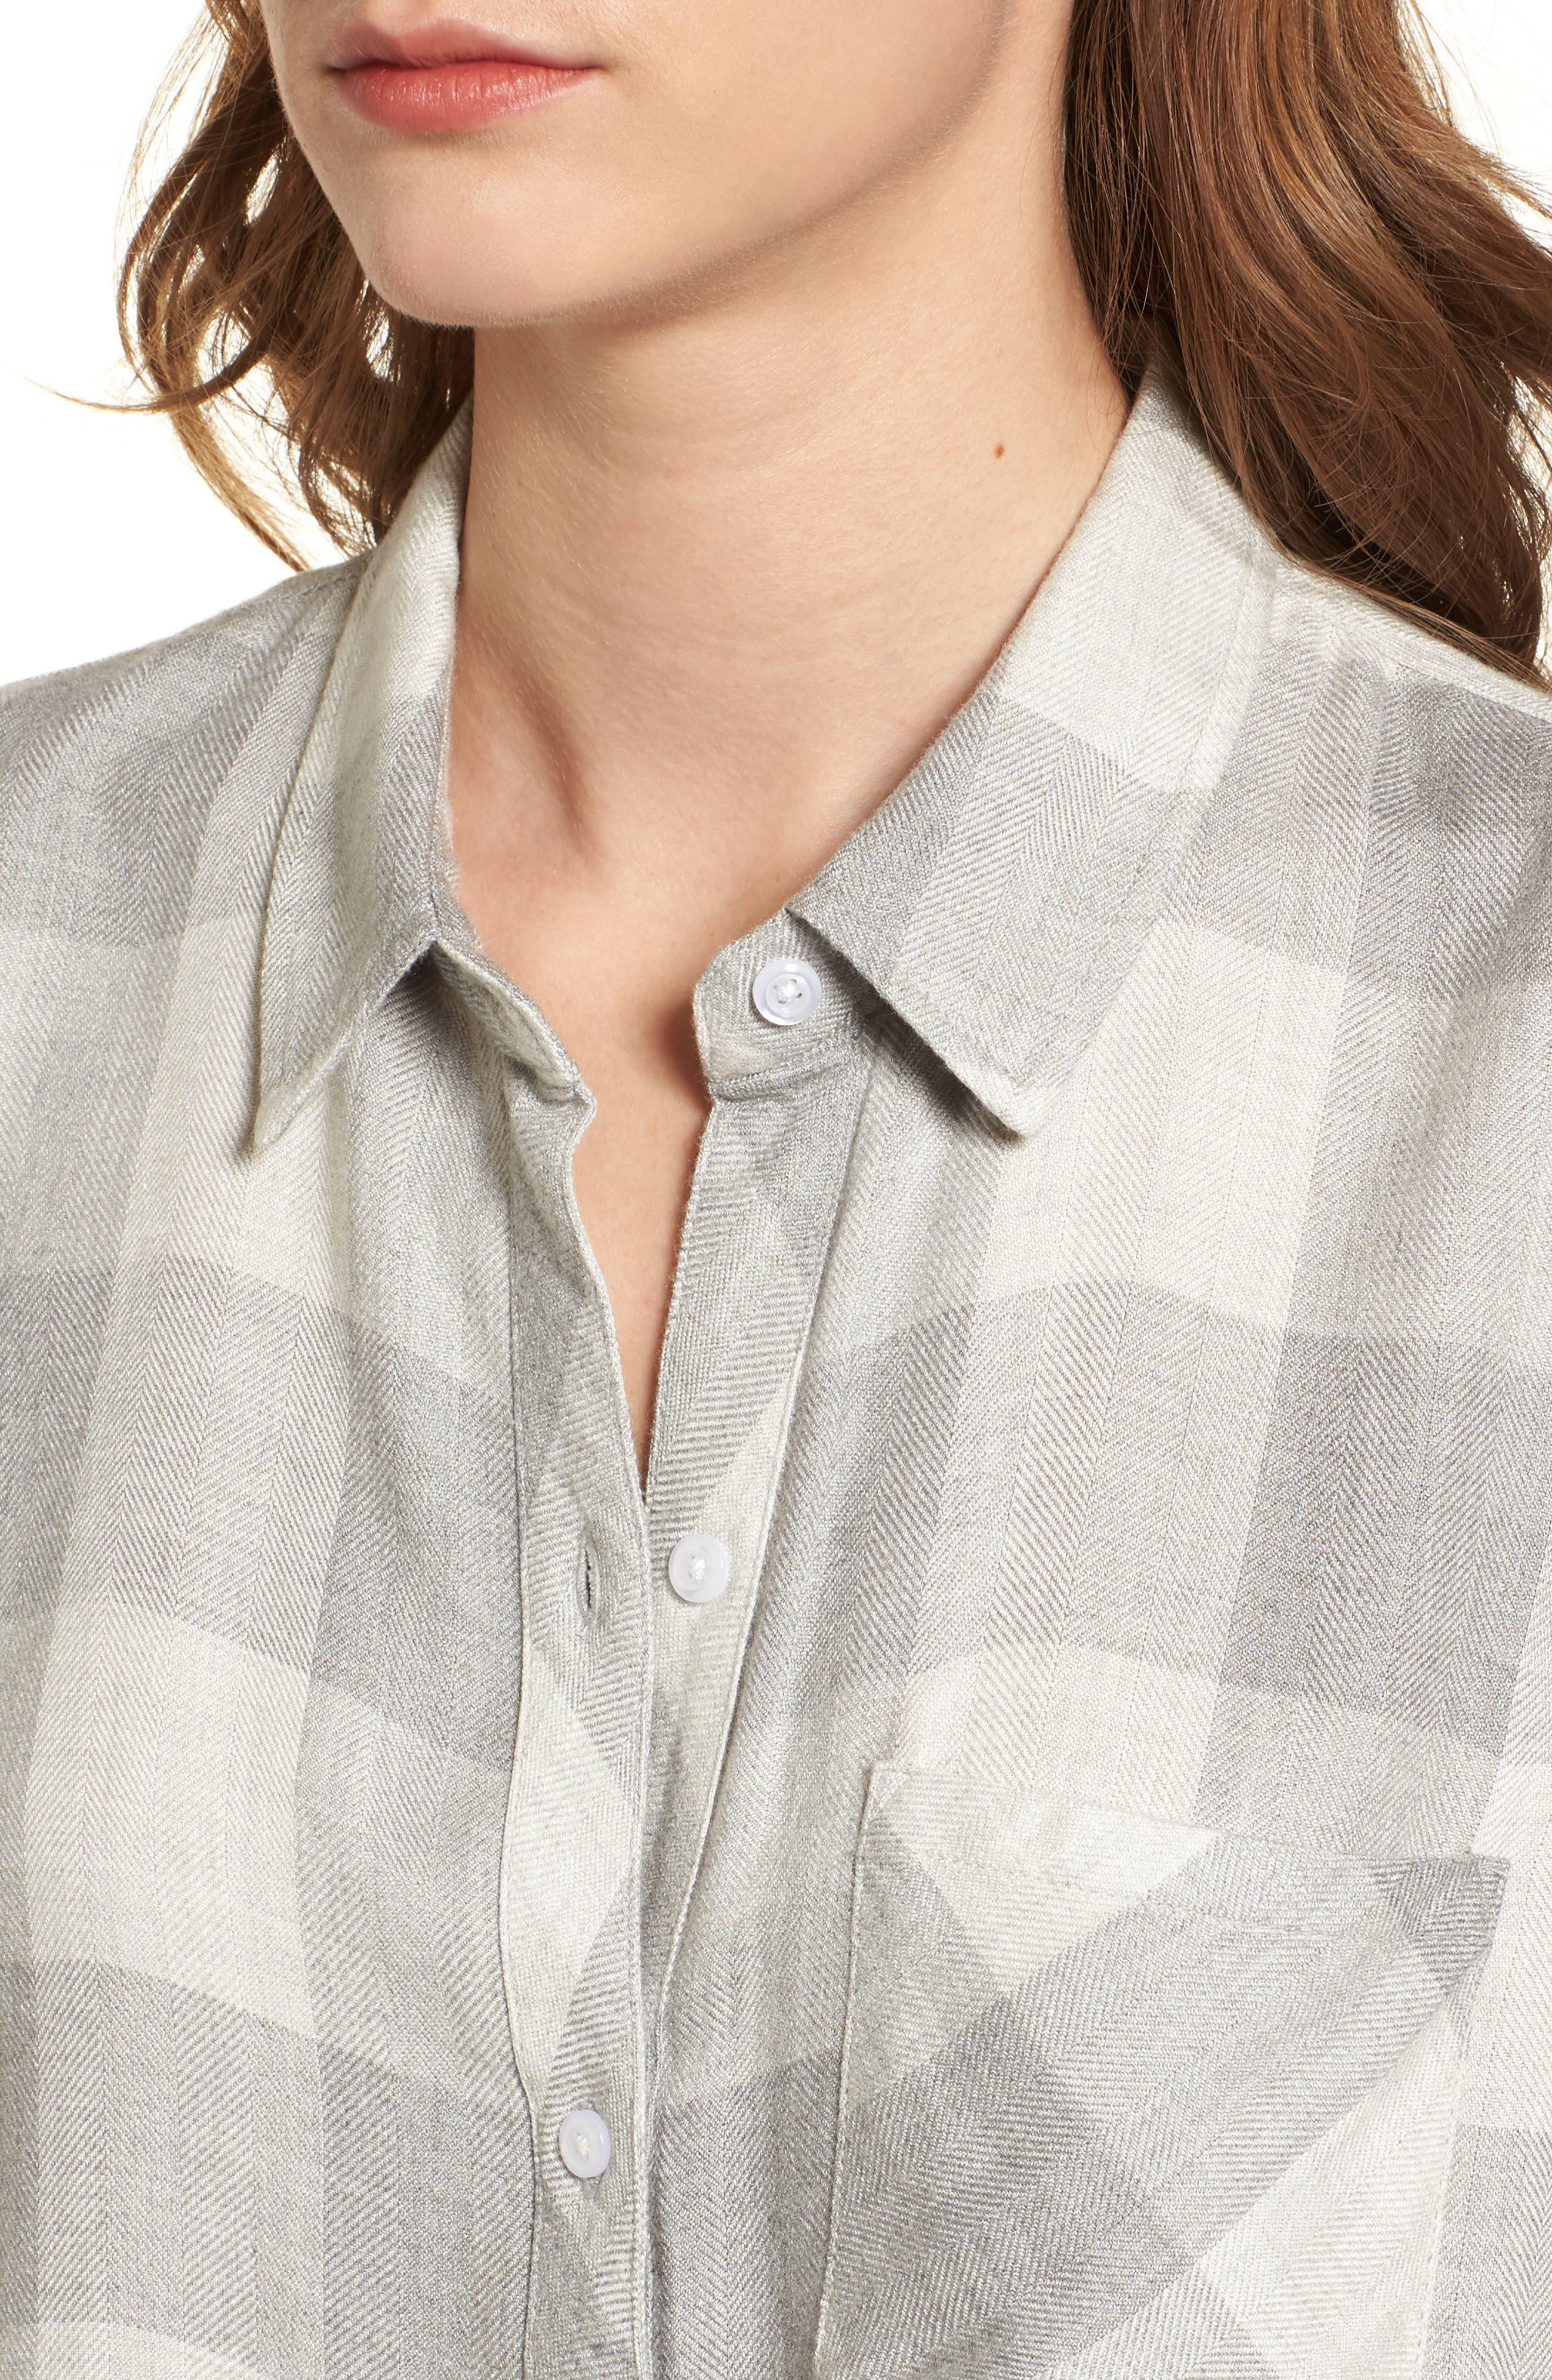 Hunter Plaid Shirt,                             Alternate thumbnail 434, color,